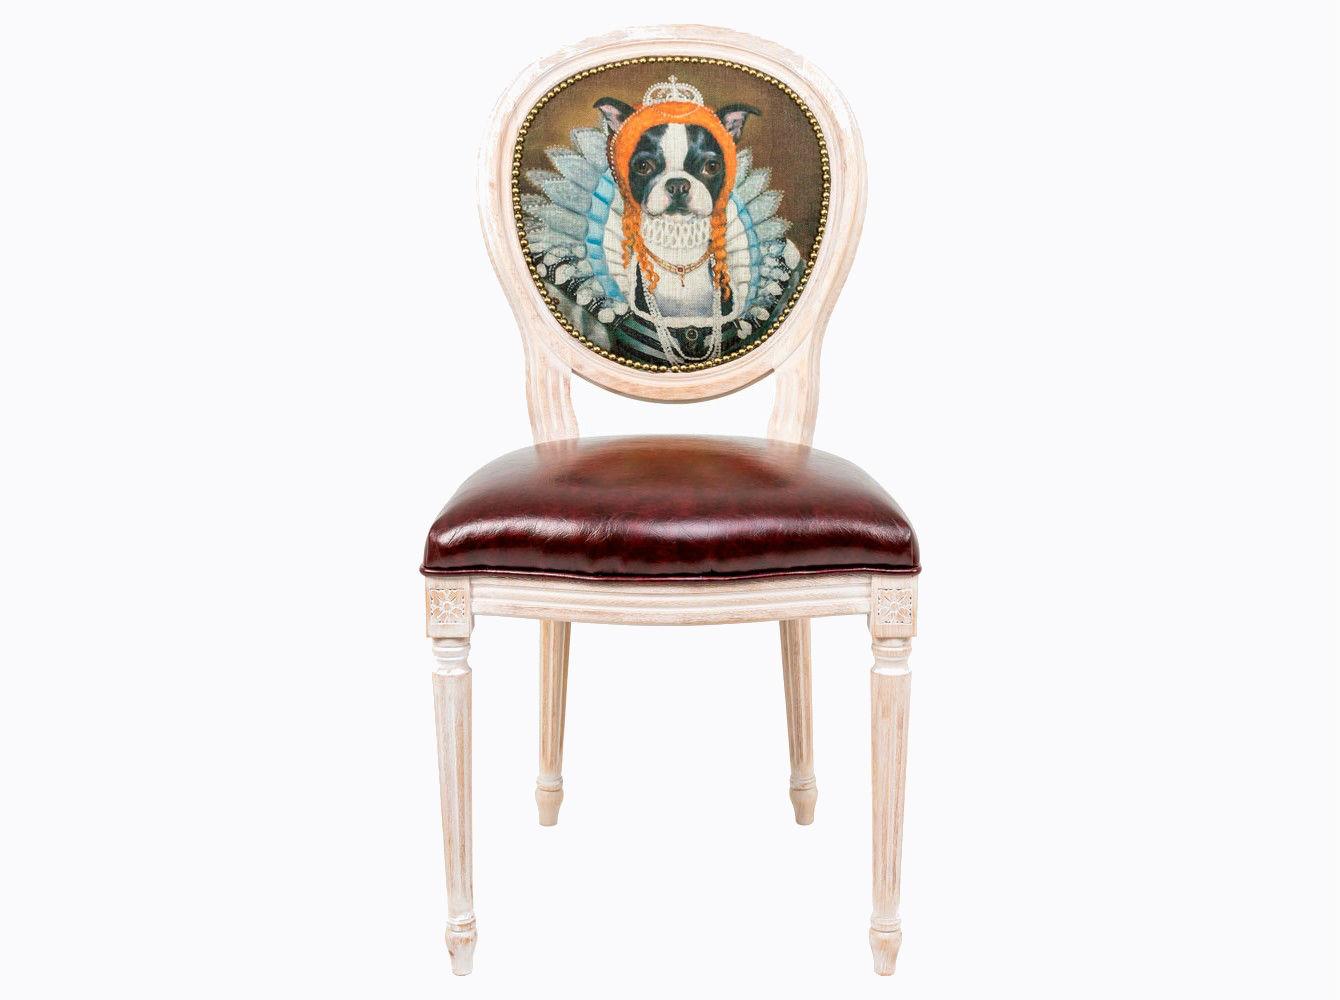 Стул «Музейный экспонат», версия 32Обеденные стулья<br>Стул &amp;quot;Музейный экспонат&amp;quot; - универсальное, но отборное решение гостиной и детской комнат, столовой, холла, кабинета и спальни. Корпус стула изготовлен из натурального бука. Среди европейских пород бук считается самым прочным и долговечным материалом. По эксклюзивному дизайну &amp;quot;Объекта мечты&amp;quot; корпусы стульев серии &amp;quot;Музейный экспонат&amp;quot; выточены, брашированы и патинированы в Италии. <br>В дизайне &amp;quot;Музейный экспонат&amp;quot; резьба играет ведущую роль: стул украшен вычурными желобками и цветочными узорами, выточенными с ювелирной меткостью. <br>В угоду моде &amp;quot;шебби-шик&amp;quot;, благородная фактура натурального дерева подчеркнута рукописной патиной. Штрихи старины обладают специфическим обаянием и теплом.<br>Комфортабельность, прочность и долговечность сиденья обеспечены подвеской из эластичных ремней. Обивка оснащена тефлоновым покрытием против пятен.<br>Не упустите возможности обладания поистине уникальной дизайнерской мебелью, - коллекция &amp;quot;Музейный экспонат&amp;quot; выпущена лимитированными экземплярами.&amp;amp;nbsp;&amp;lt;div&amp;gt;&amp;lt;br&amp;gt;&amp;lt;/div&amp;gt;&amp;lt;div&amp;gt;Каркас - натуральное дерево бука, обивка сиденья и оборотной стороны спинки - эко-кожа, обивка спинки: 29% лен, 9 % хлопок, 72% полиэстер&amp;lt;br&amp;gt;&amp;lt;/div&amp;gt;<br><br>Material: Дерево<br>Width см: 55<br>Depth см: 50<br>Height см: 95